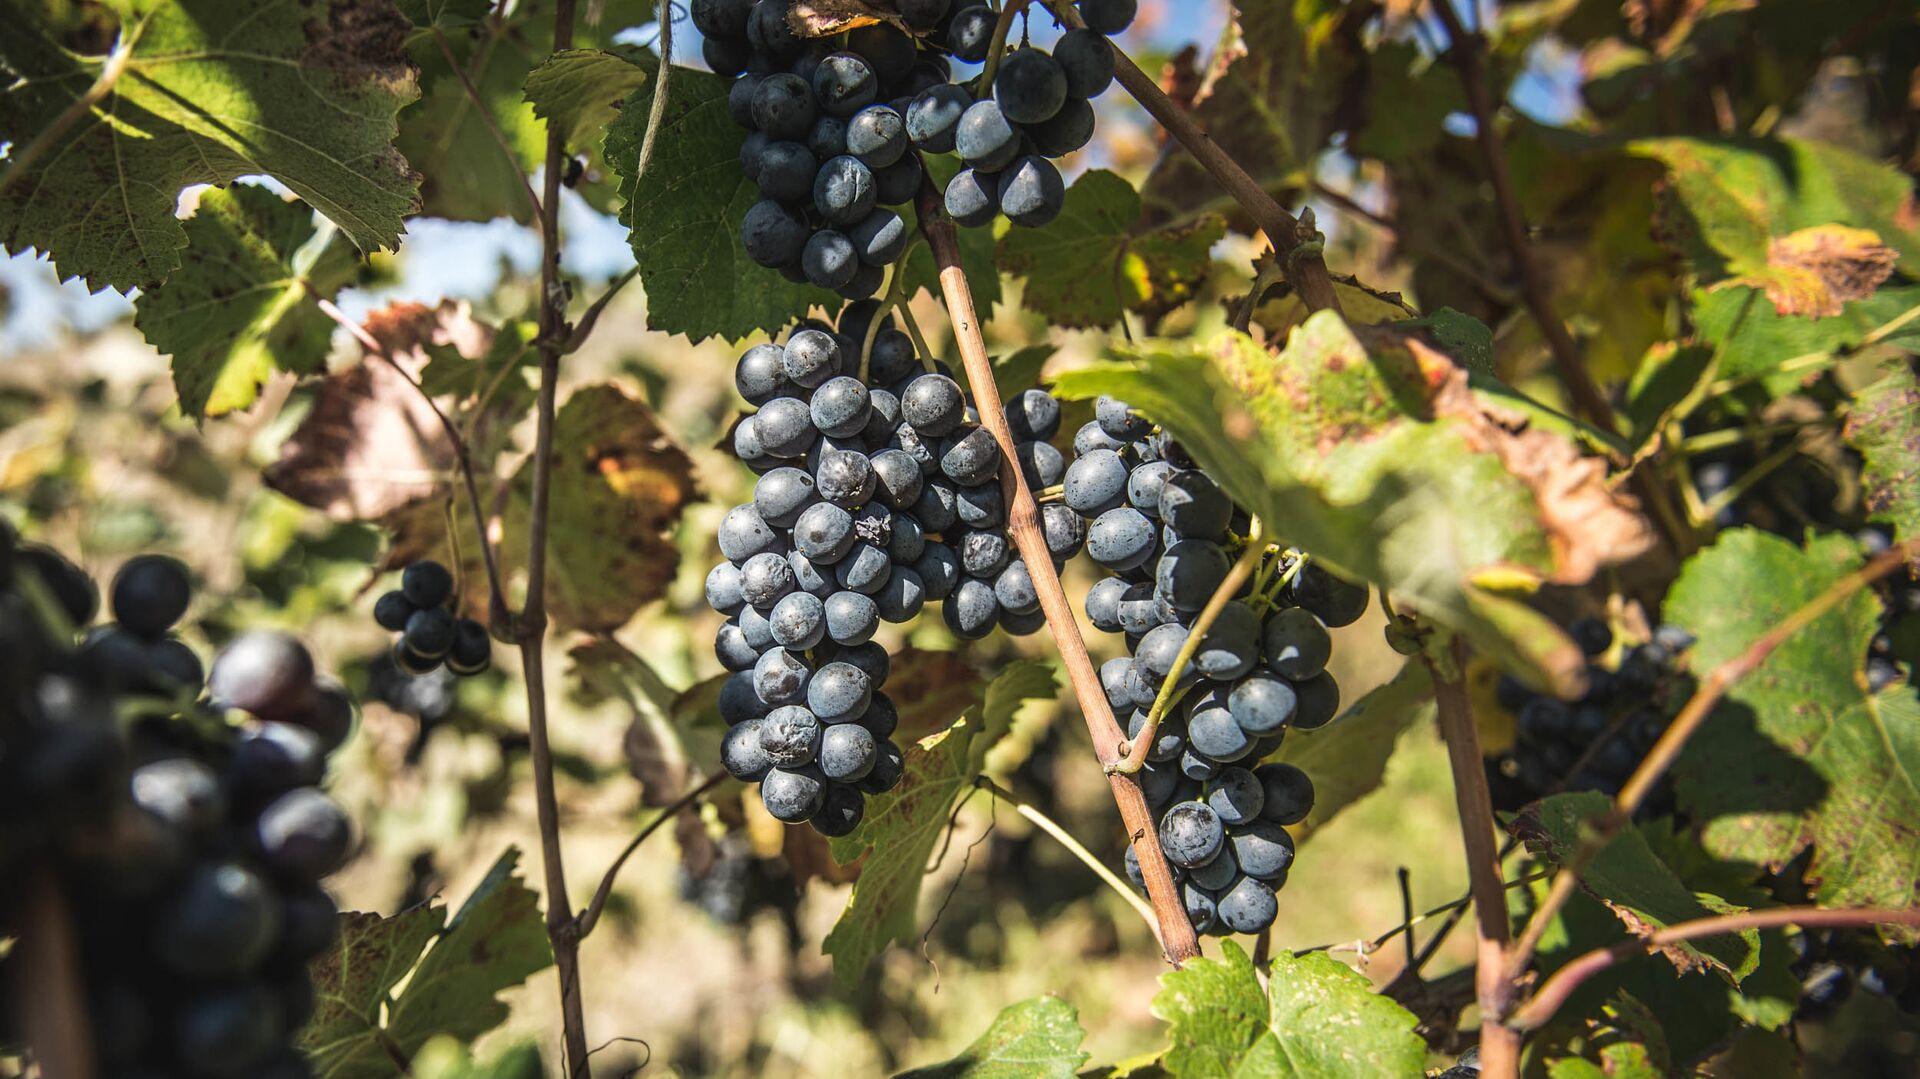 Сбор урожая винограда ртвели в высокогорном регионе Рача  - Sputnik Грузия, 1920, 22.09.2021